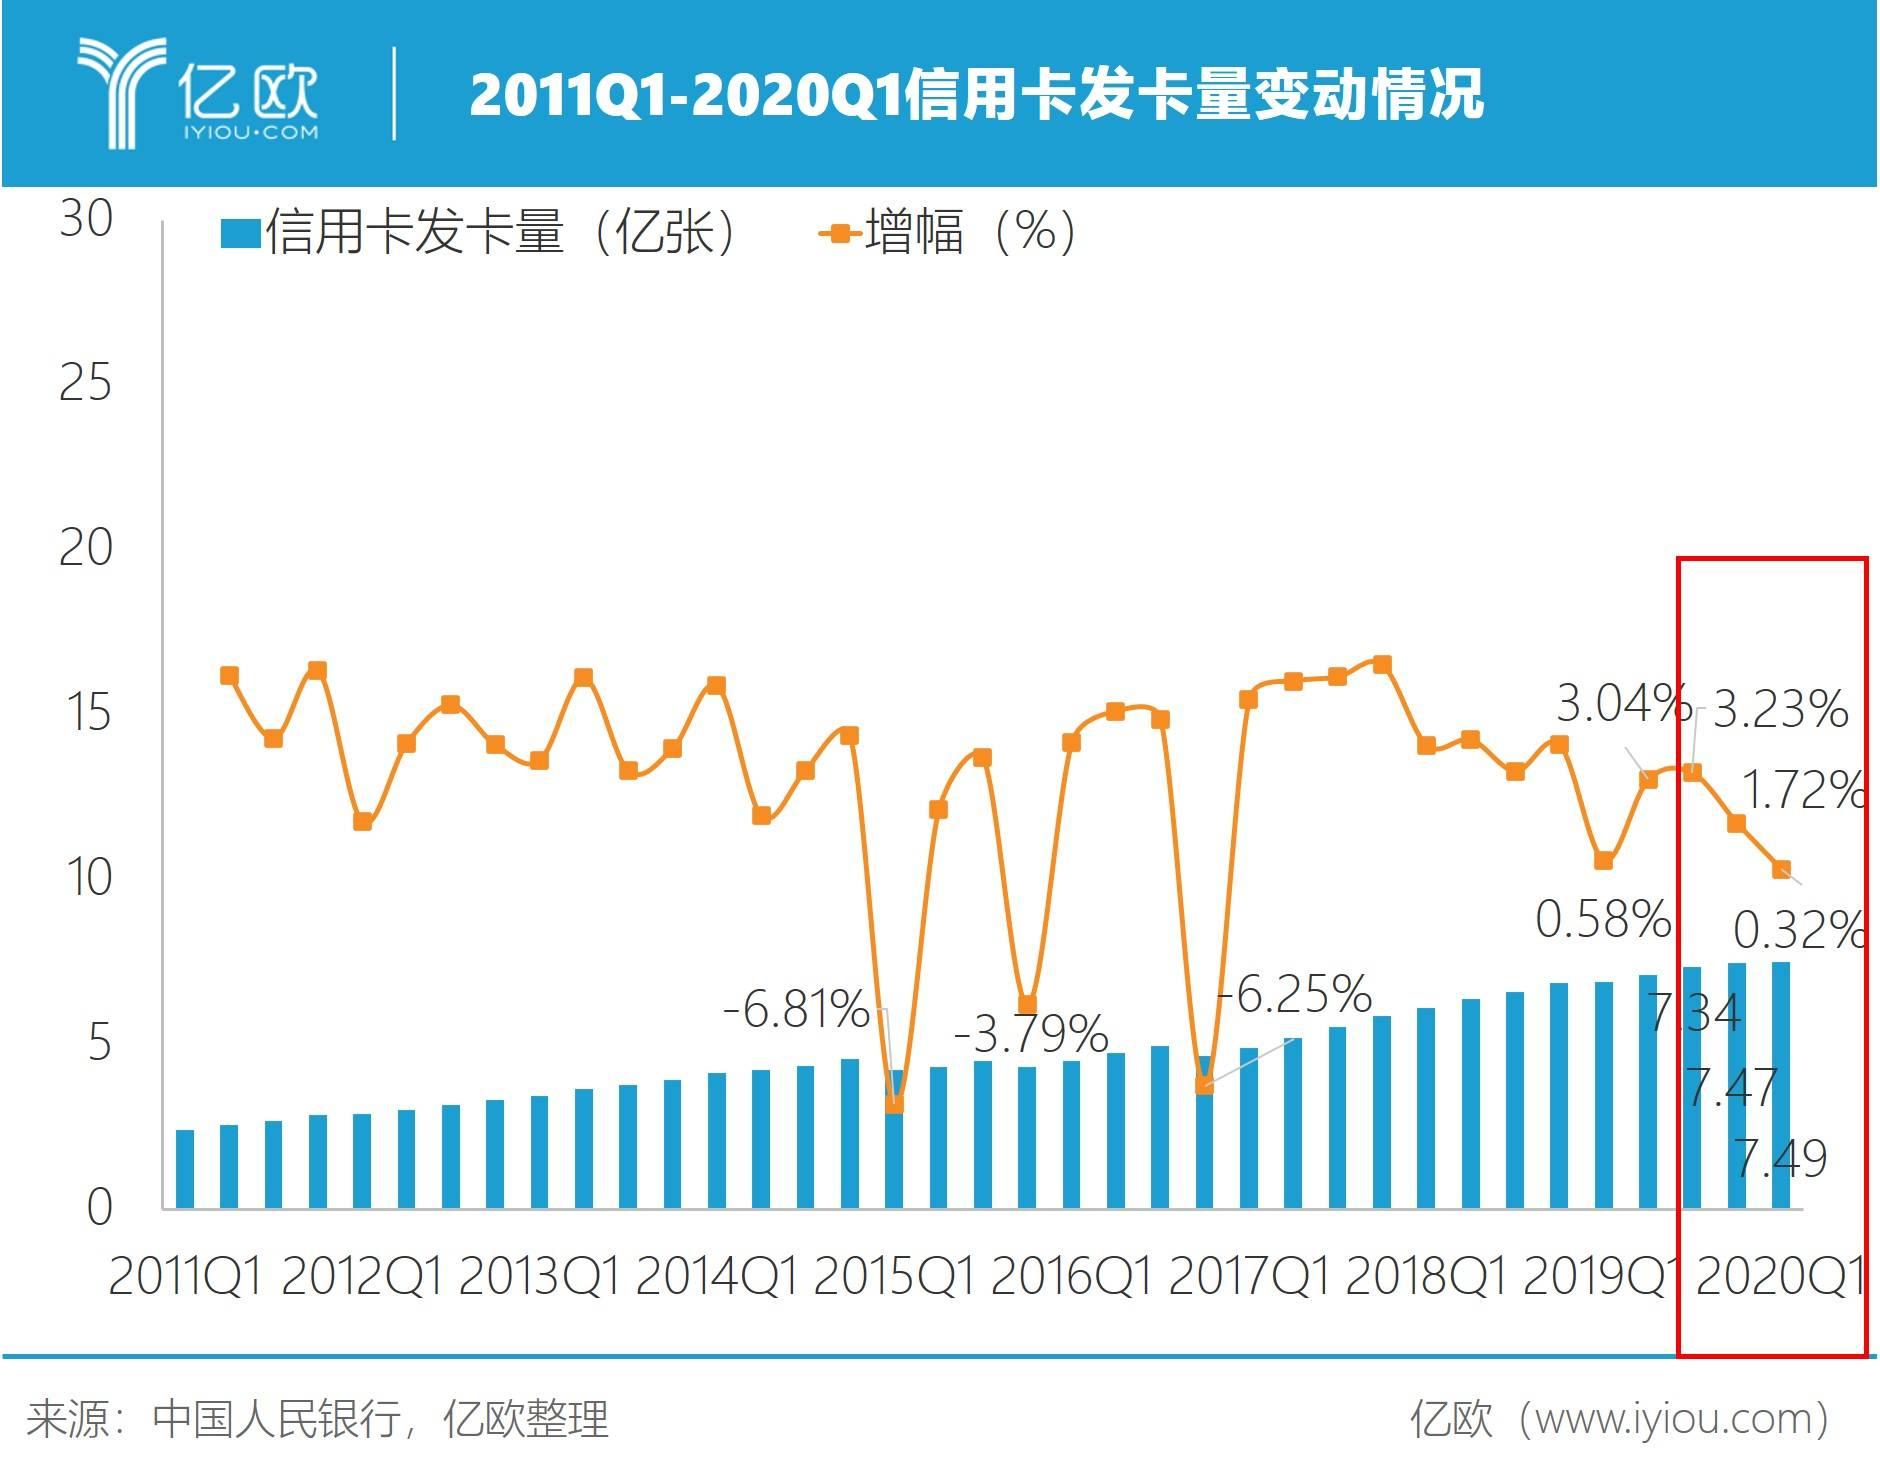 2011Q1-2020Q1名誉卡发卡量转折情况